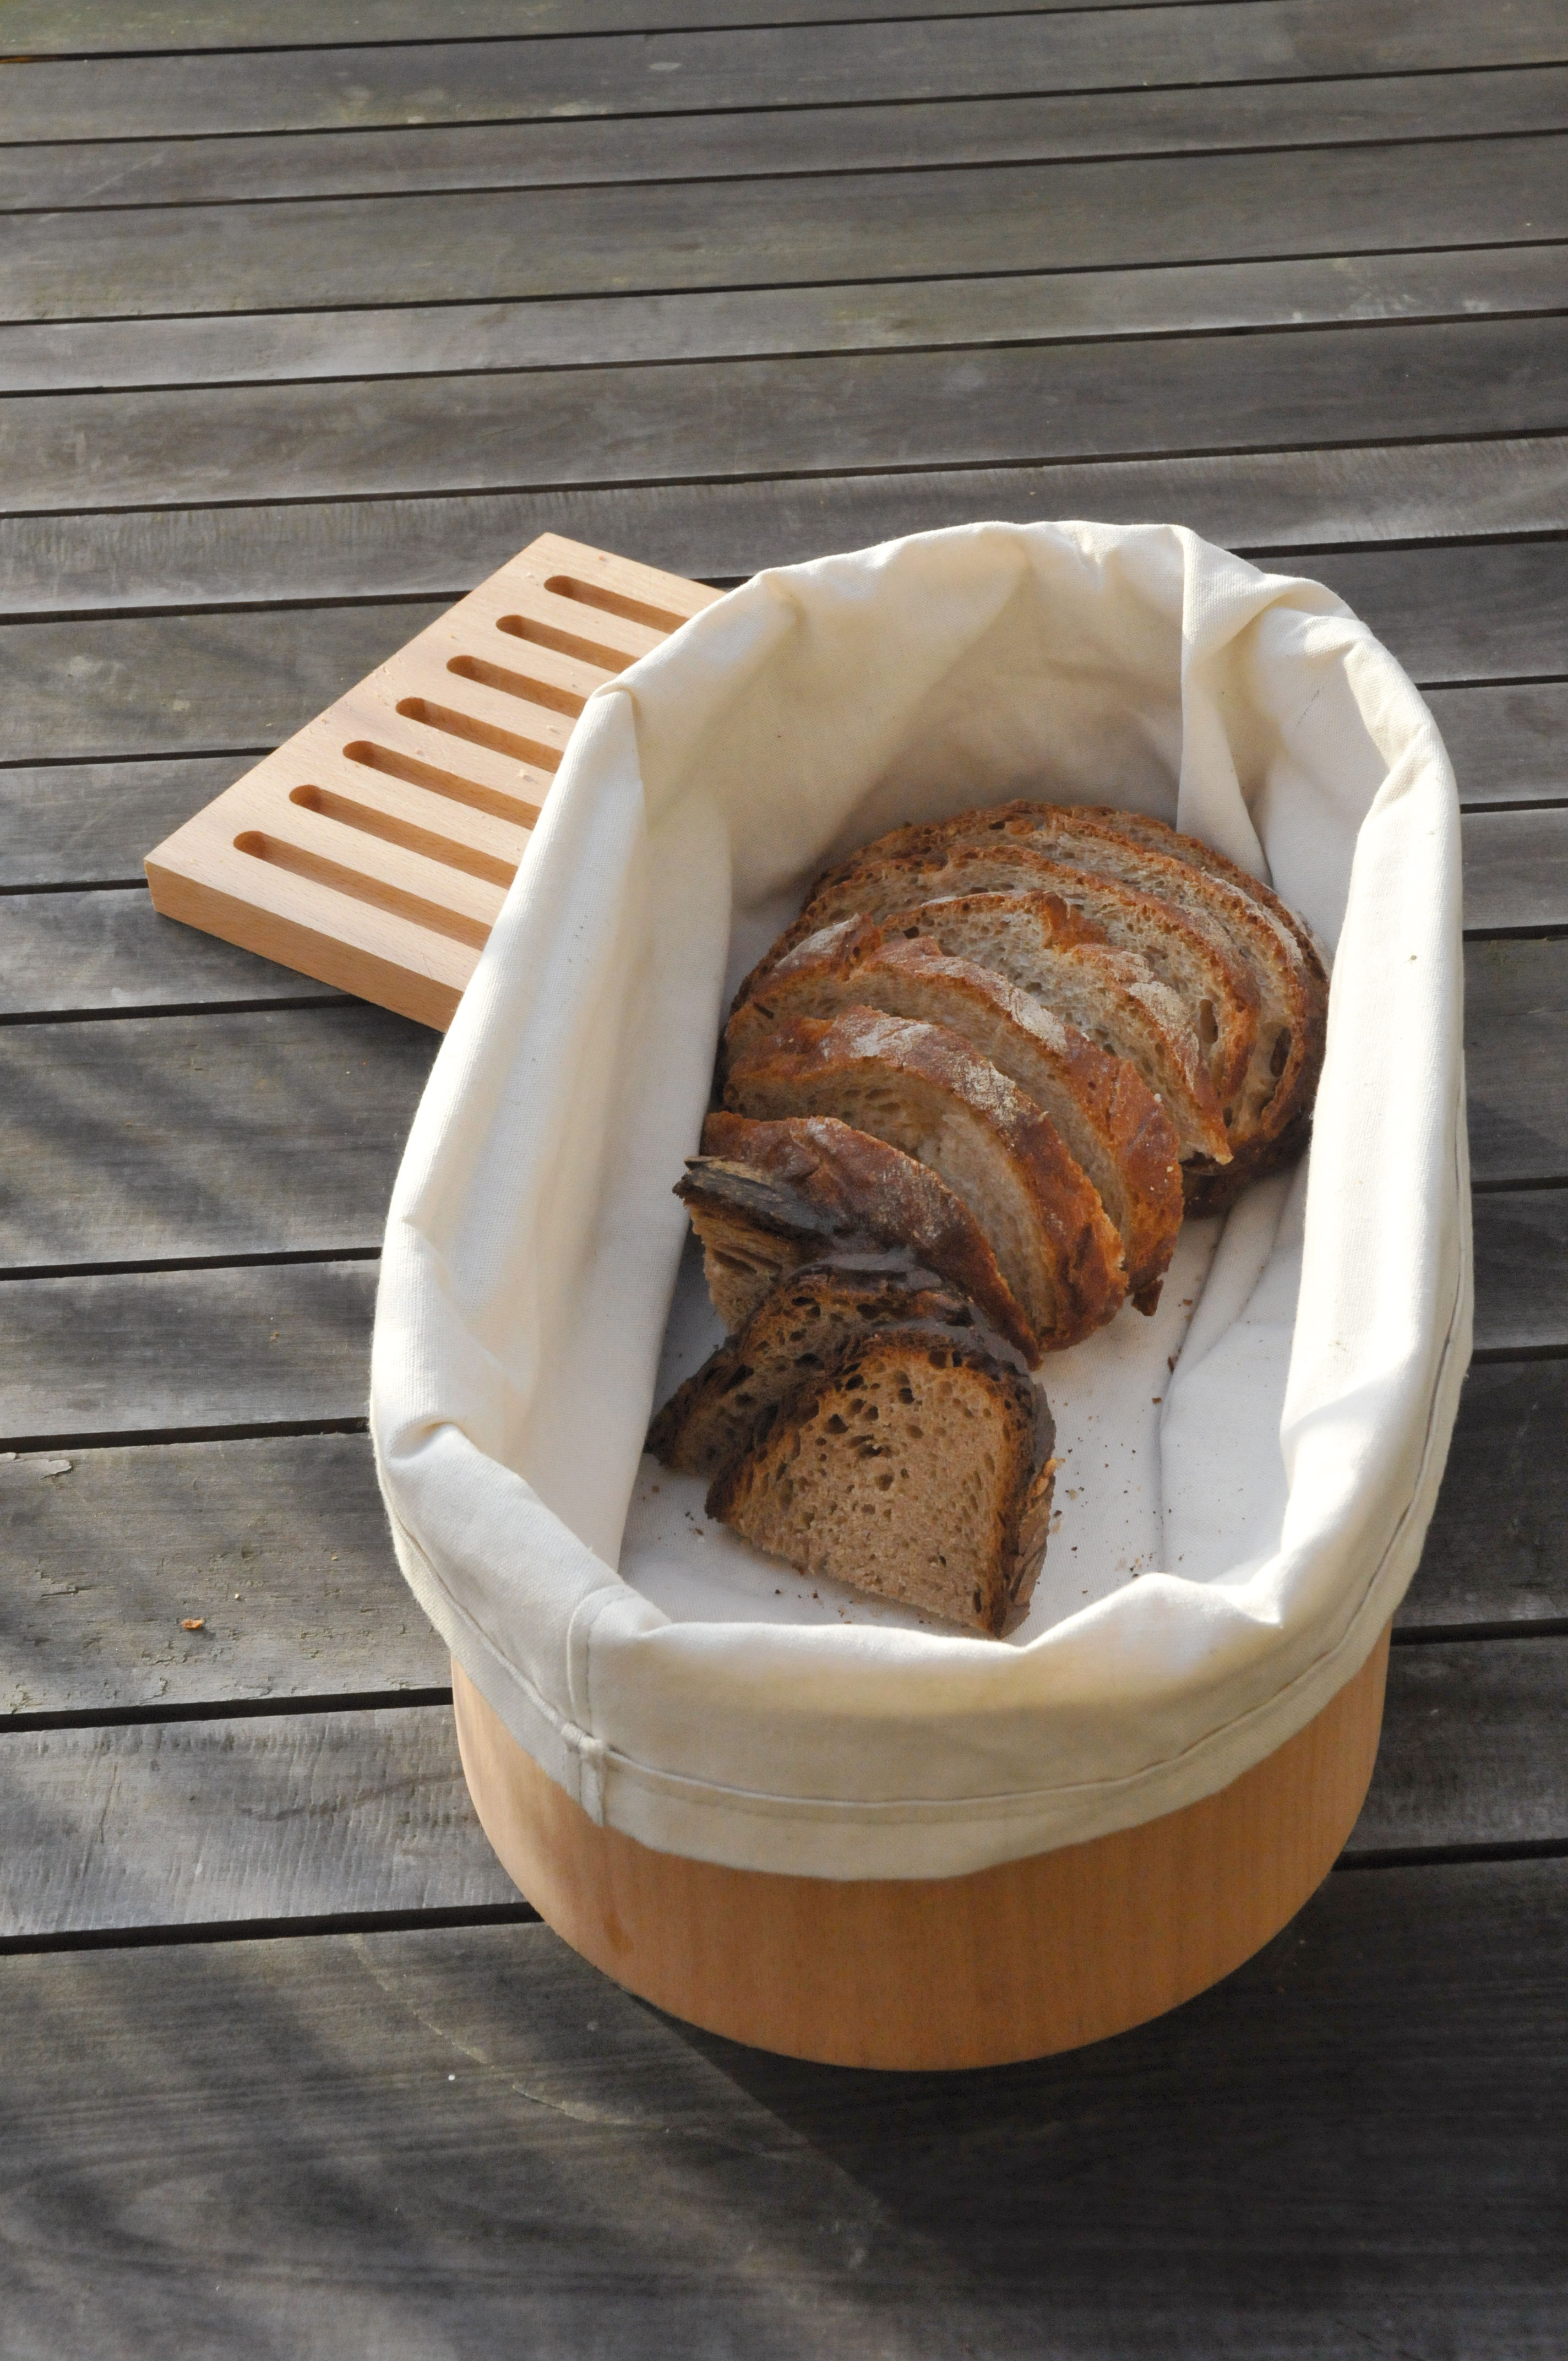 corbeille pain avec panche d couper 36 x 20 cm bois naturel blanc coton l 39 atelier du vin. Black Bedroom Furniture Sets. Home Design Ideas